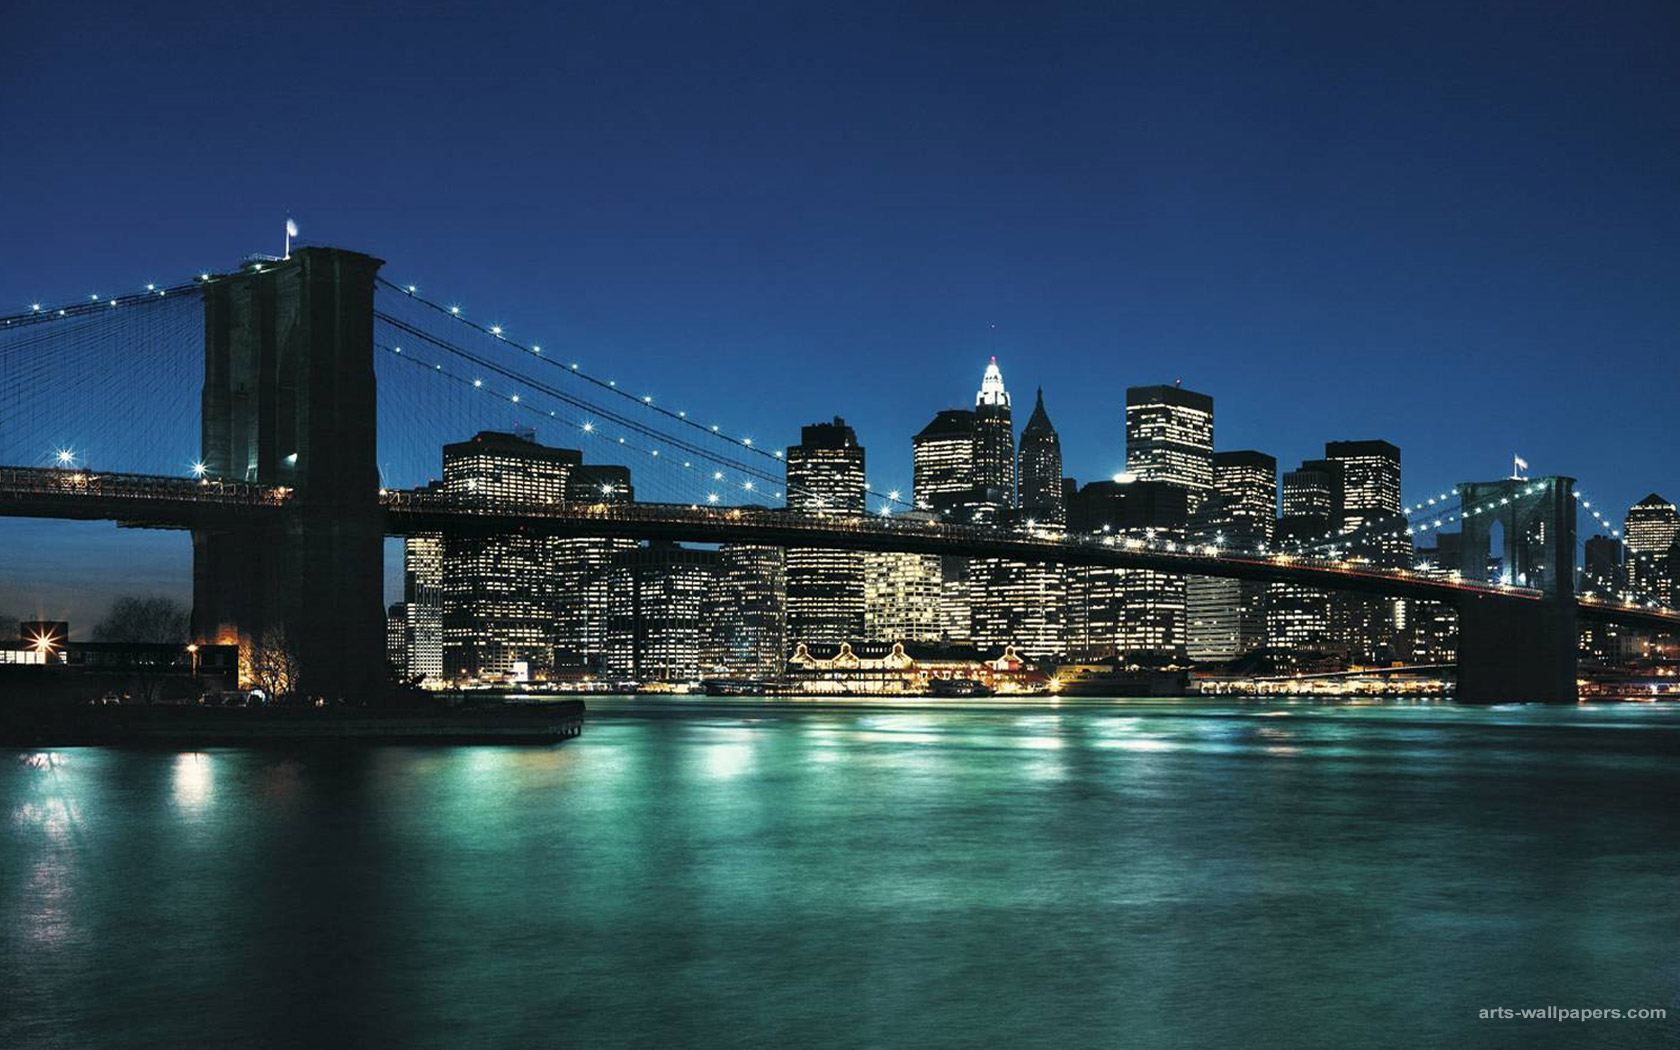 69+ New York Desktop Wallpaper on WallpaperSafari